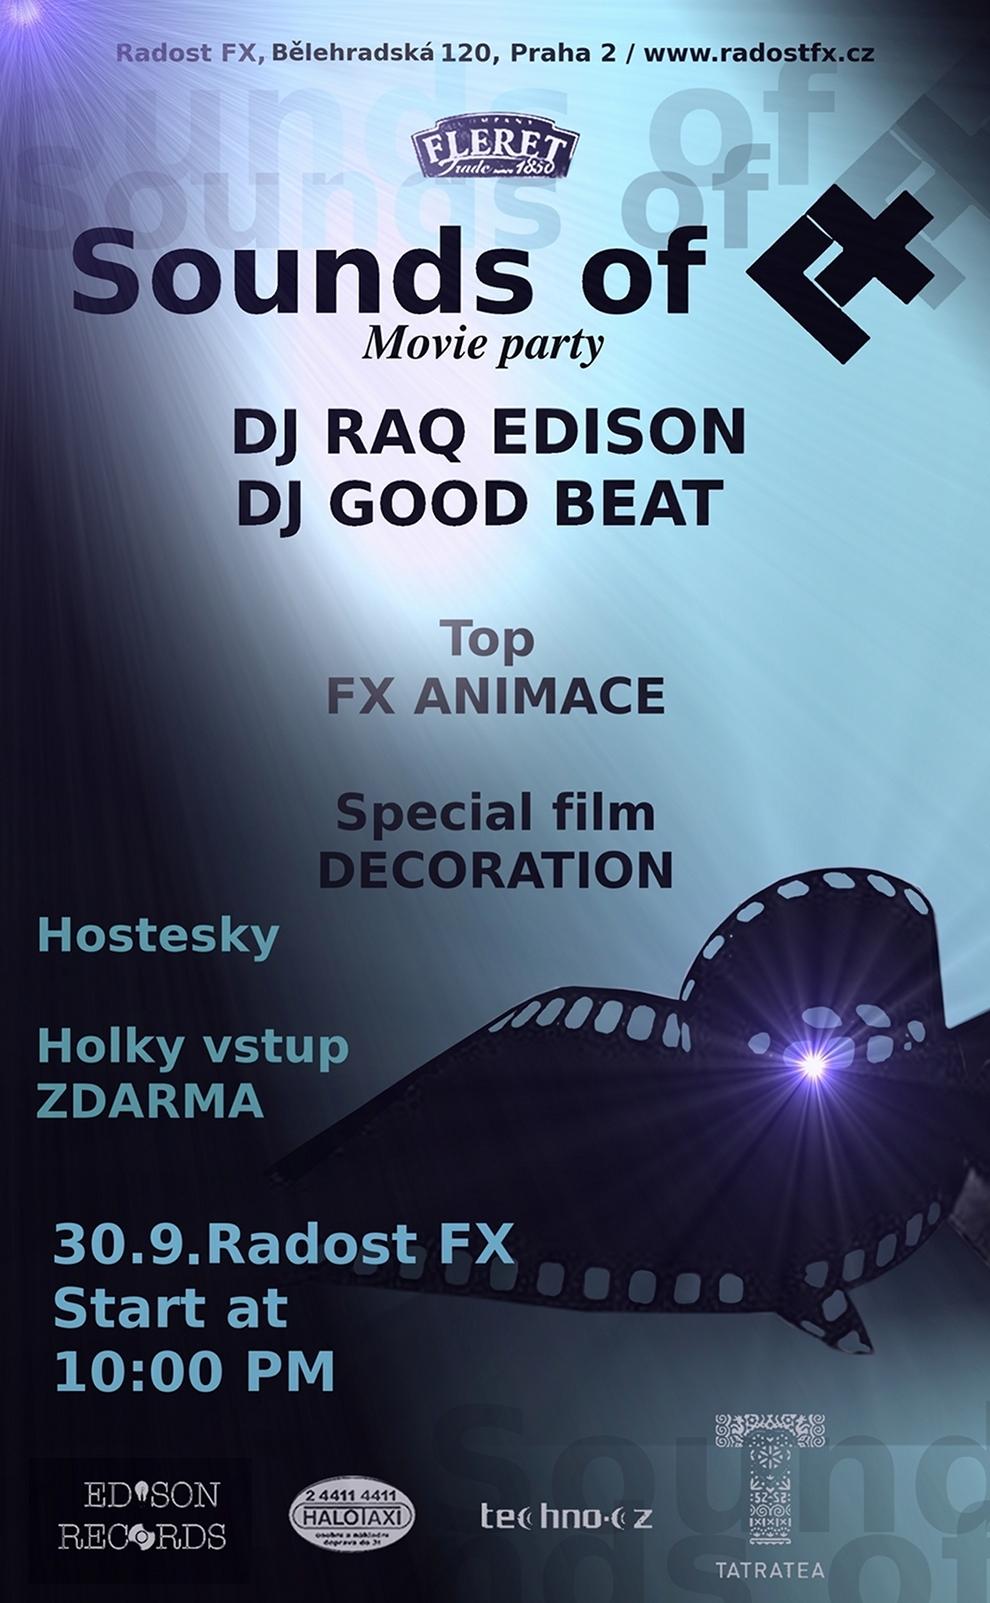 Radost FX představuje zbrusu novou párty: Sound Of FX